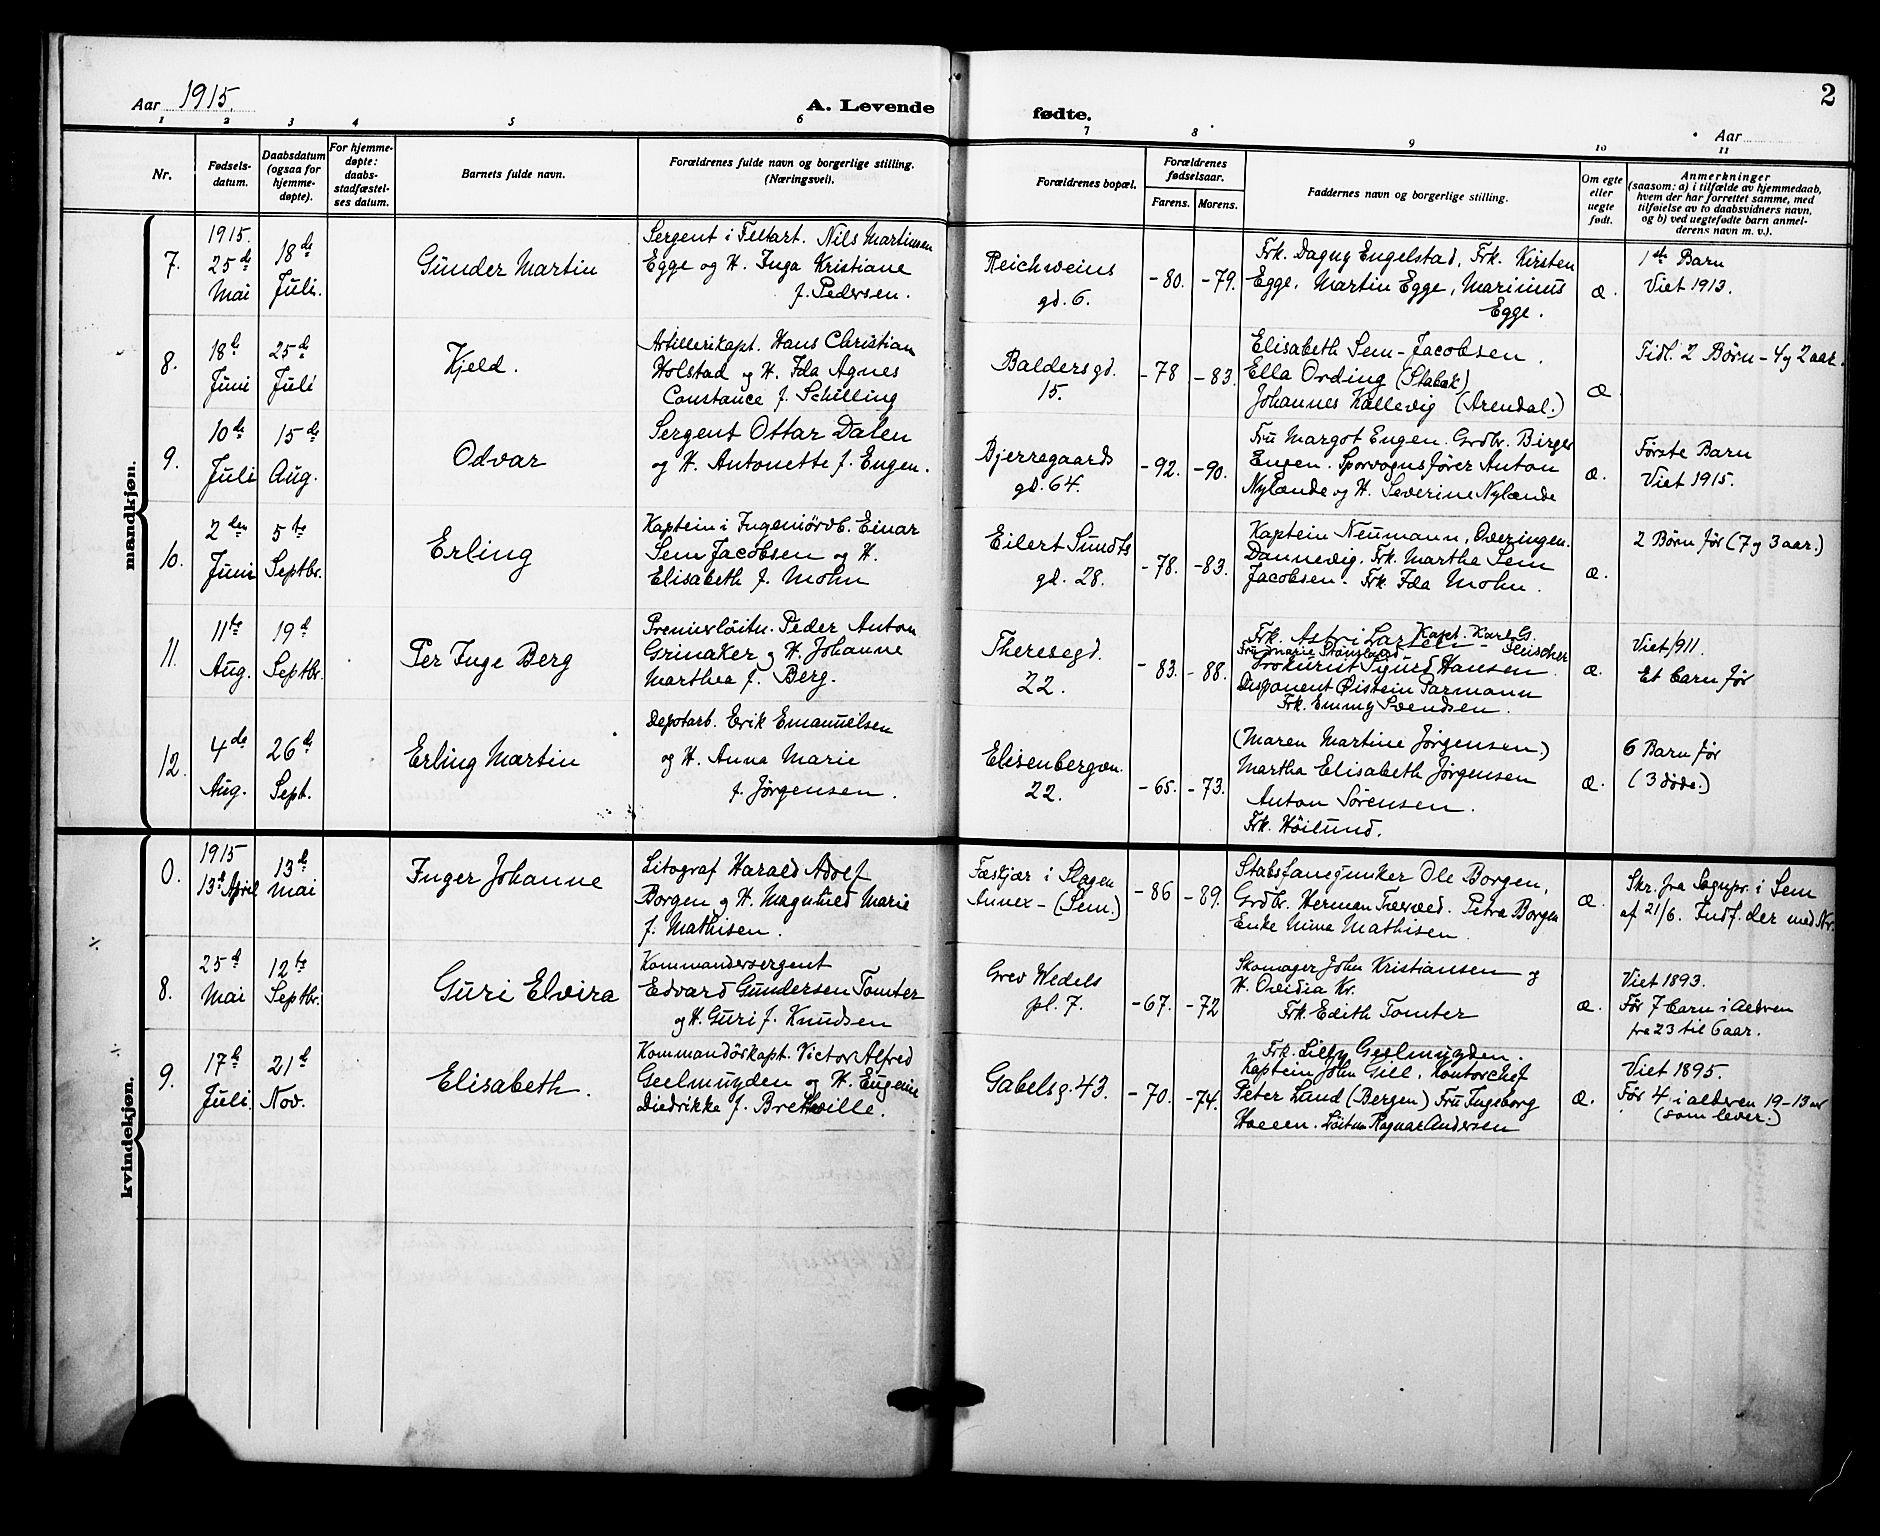 SAO, Garnisonsmenigheten Kirkebøker, F/Fa/L0015: Ministerialbok nr. 15, 1915-1921, s. 2